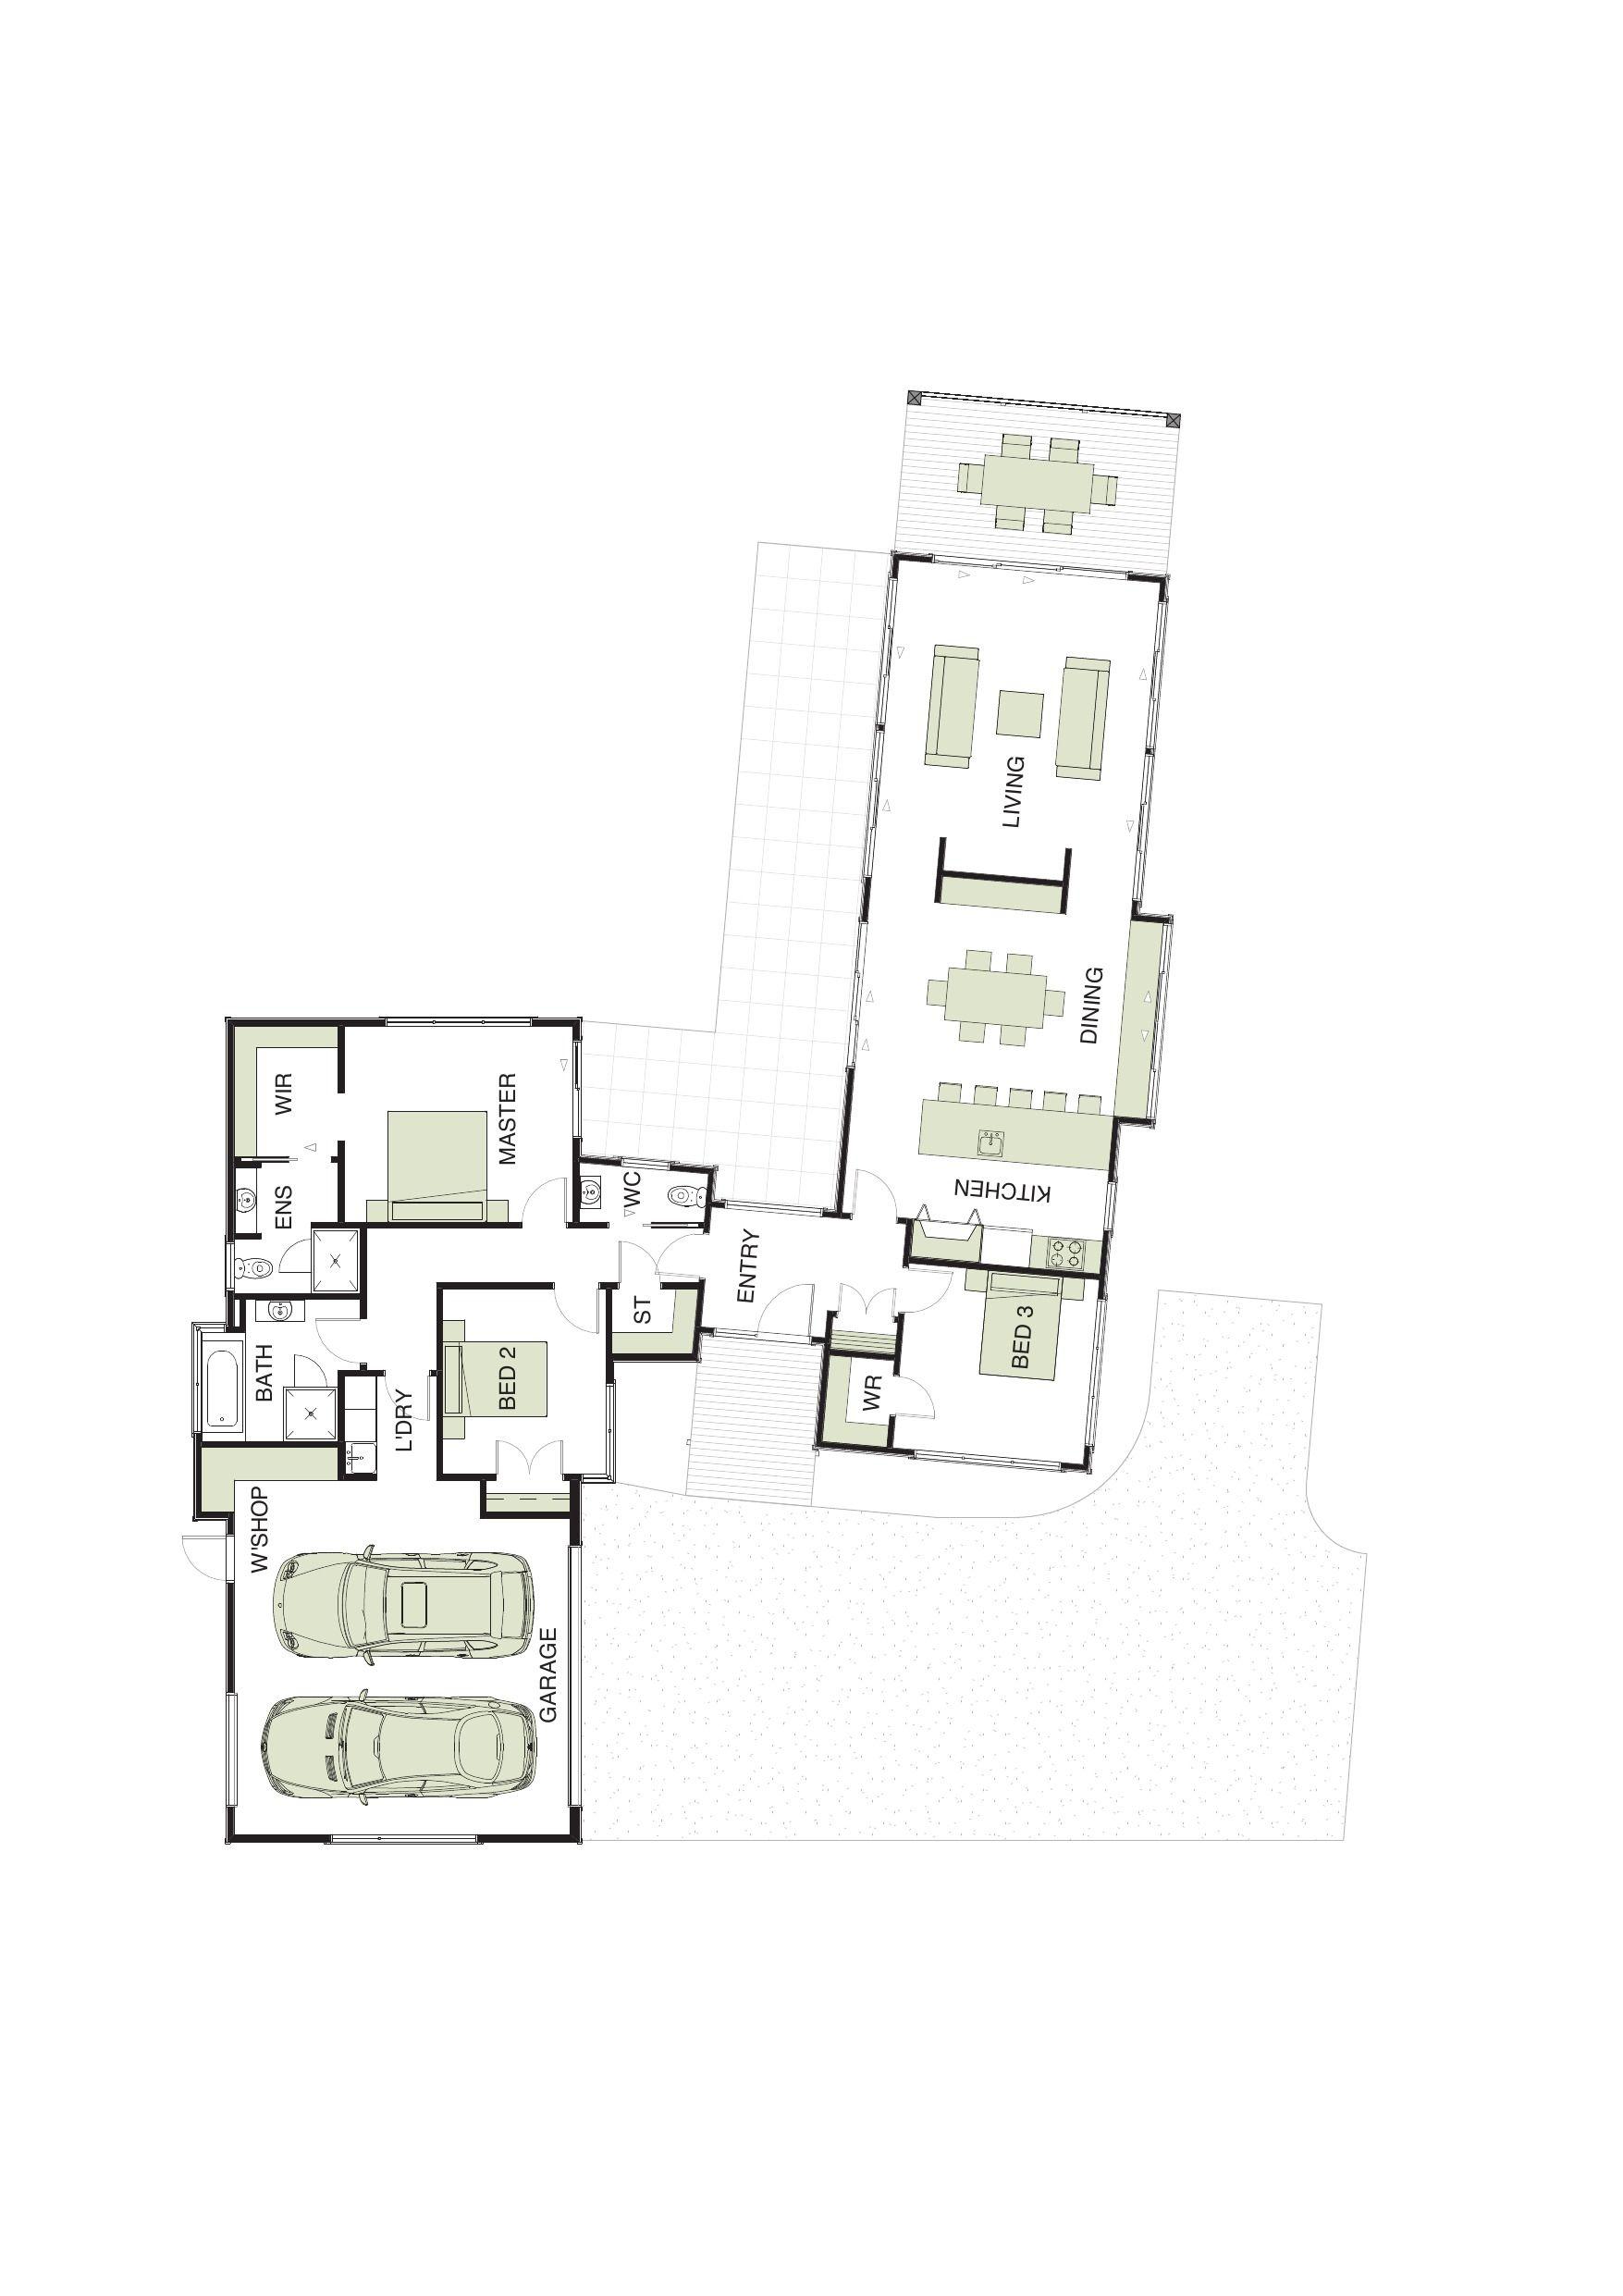 David Reid Homes   Pavilion 4 Specifications, House Plans U0026 Images